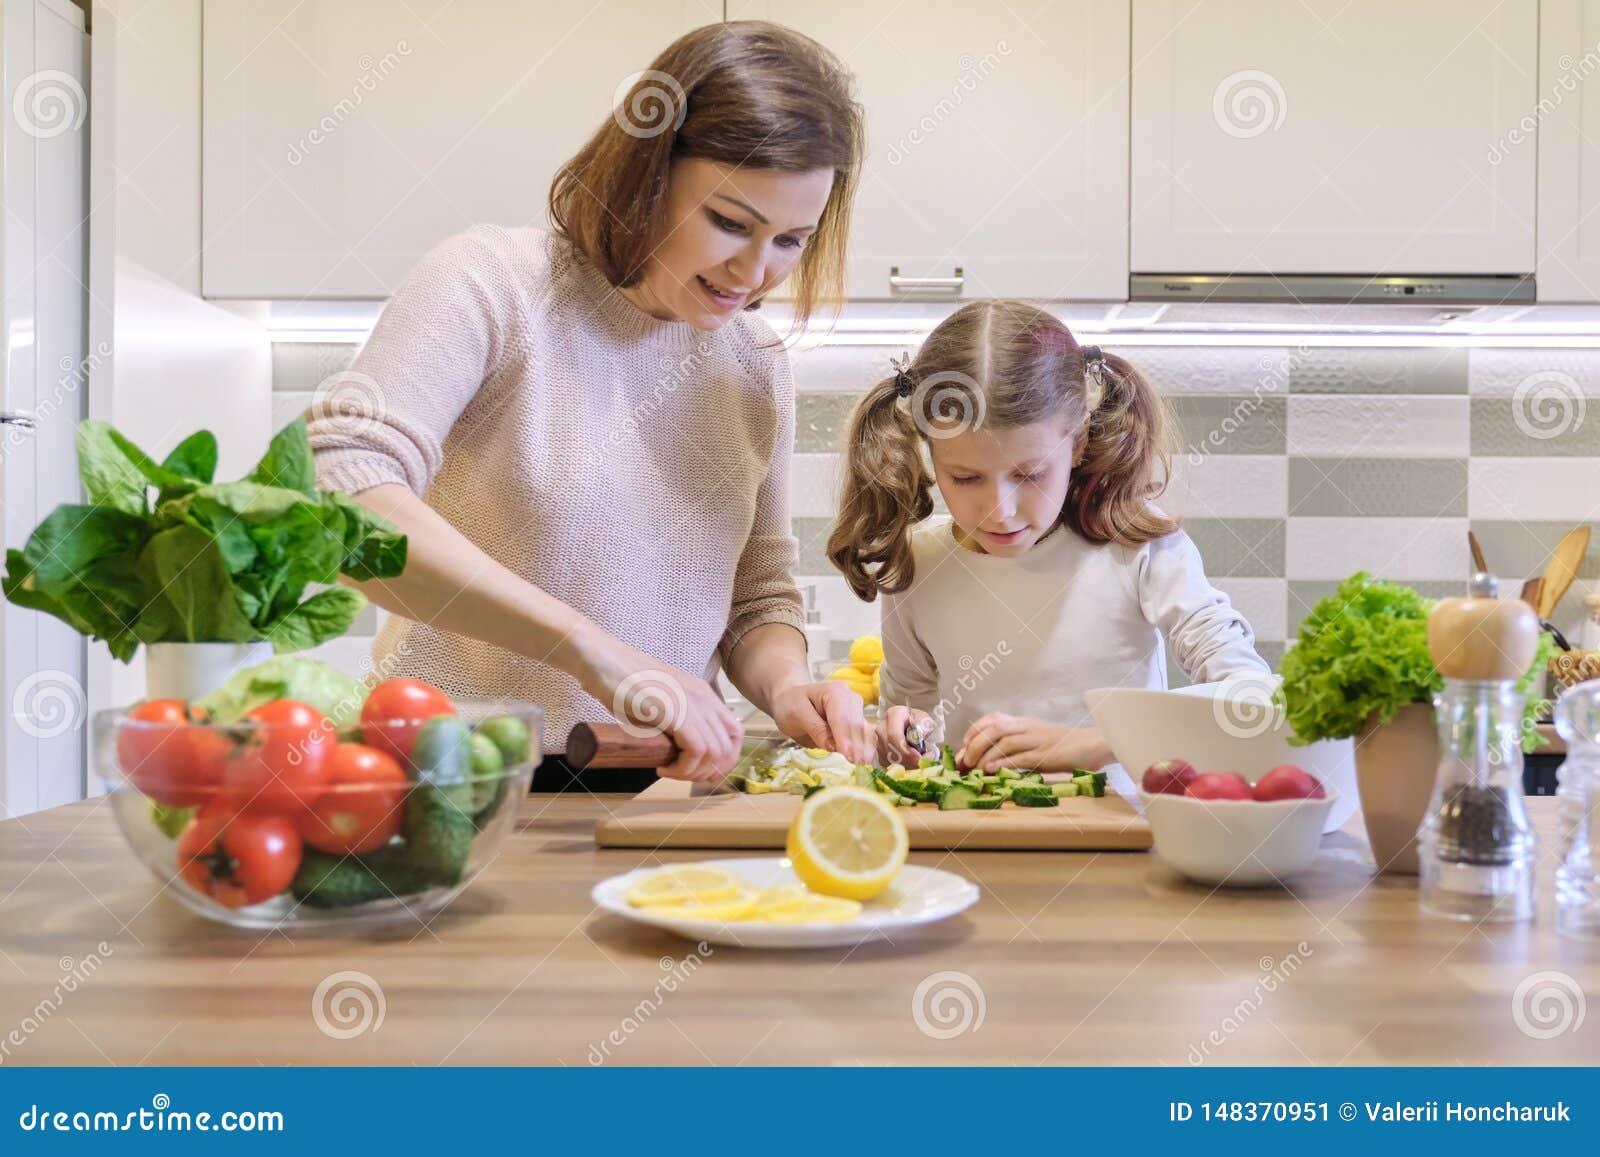 Μαγείρεμα μητέρων και παιδιών μαζί στο σπίτι στην κουζίνα Η υγιής κατανάλωση, μητέρα διδάσκει την κόρη για να μαγειρεψει, επικοιν